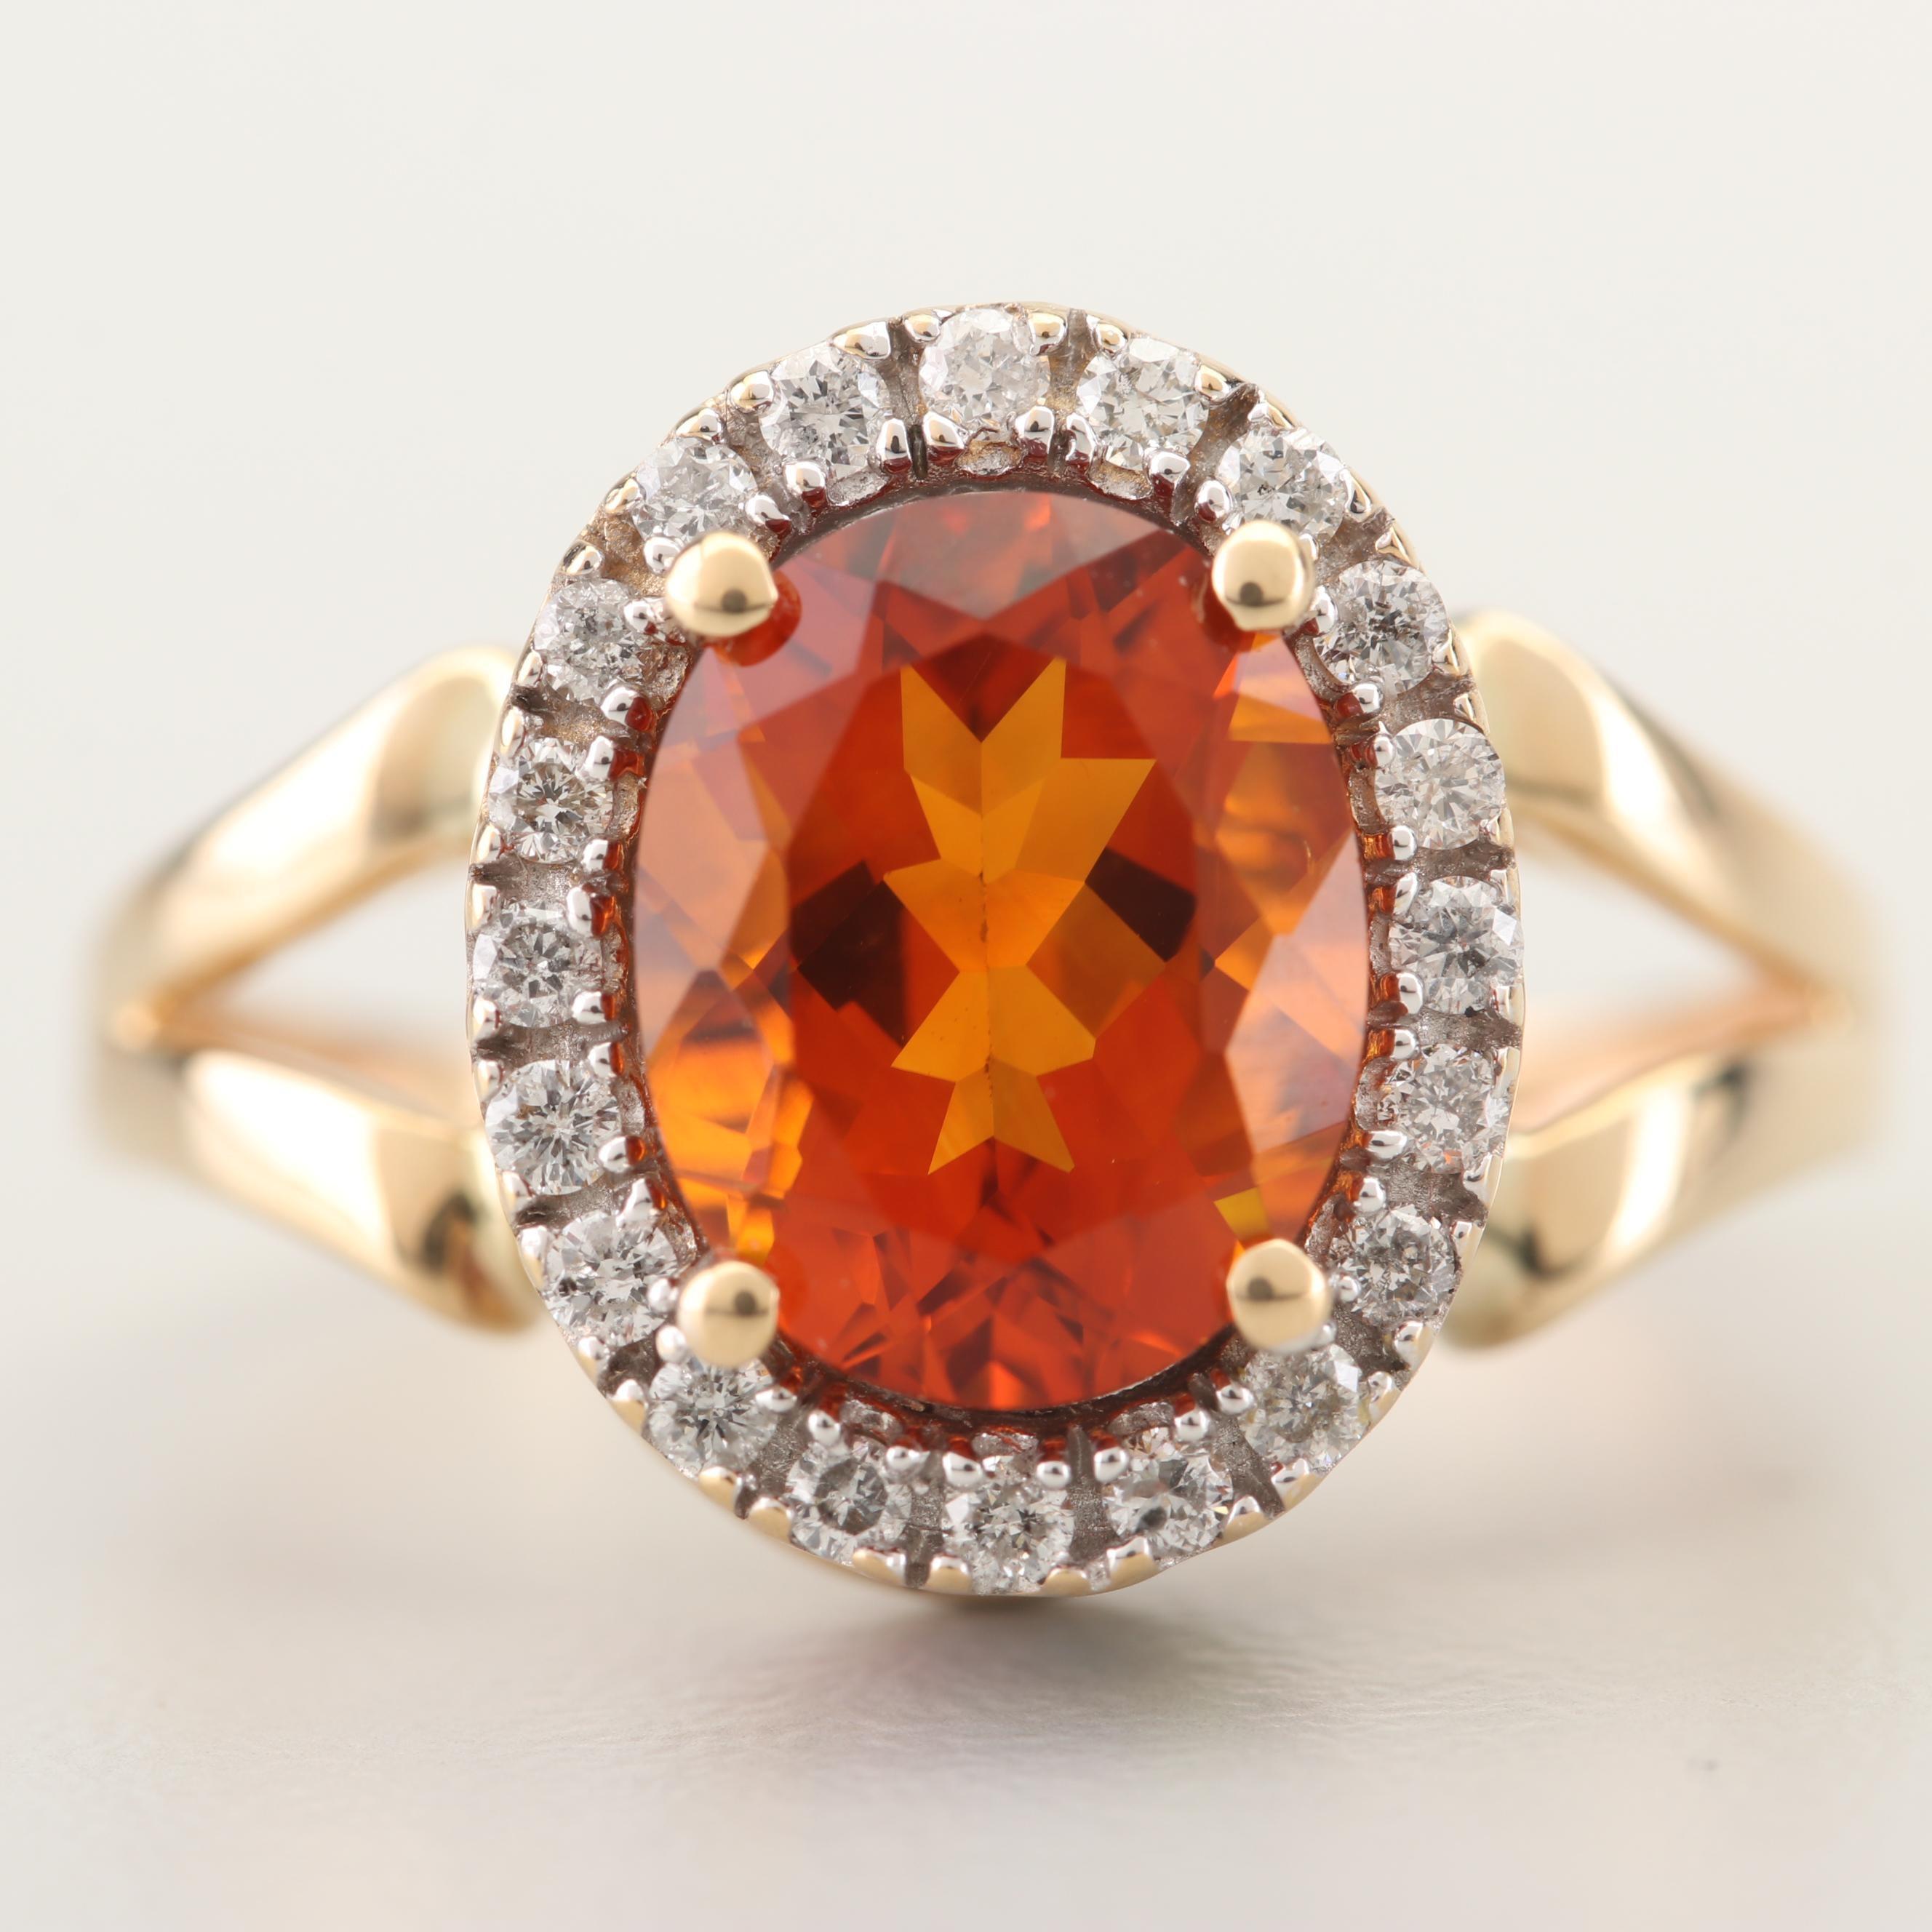 14K Yellow Gold Citrine, Diamond, and Gemstone Ring